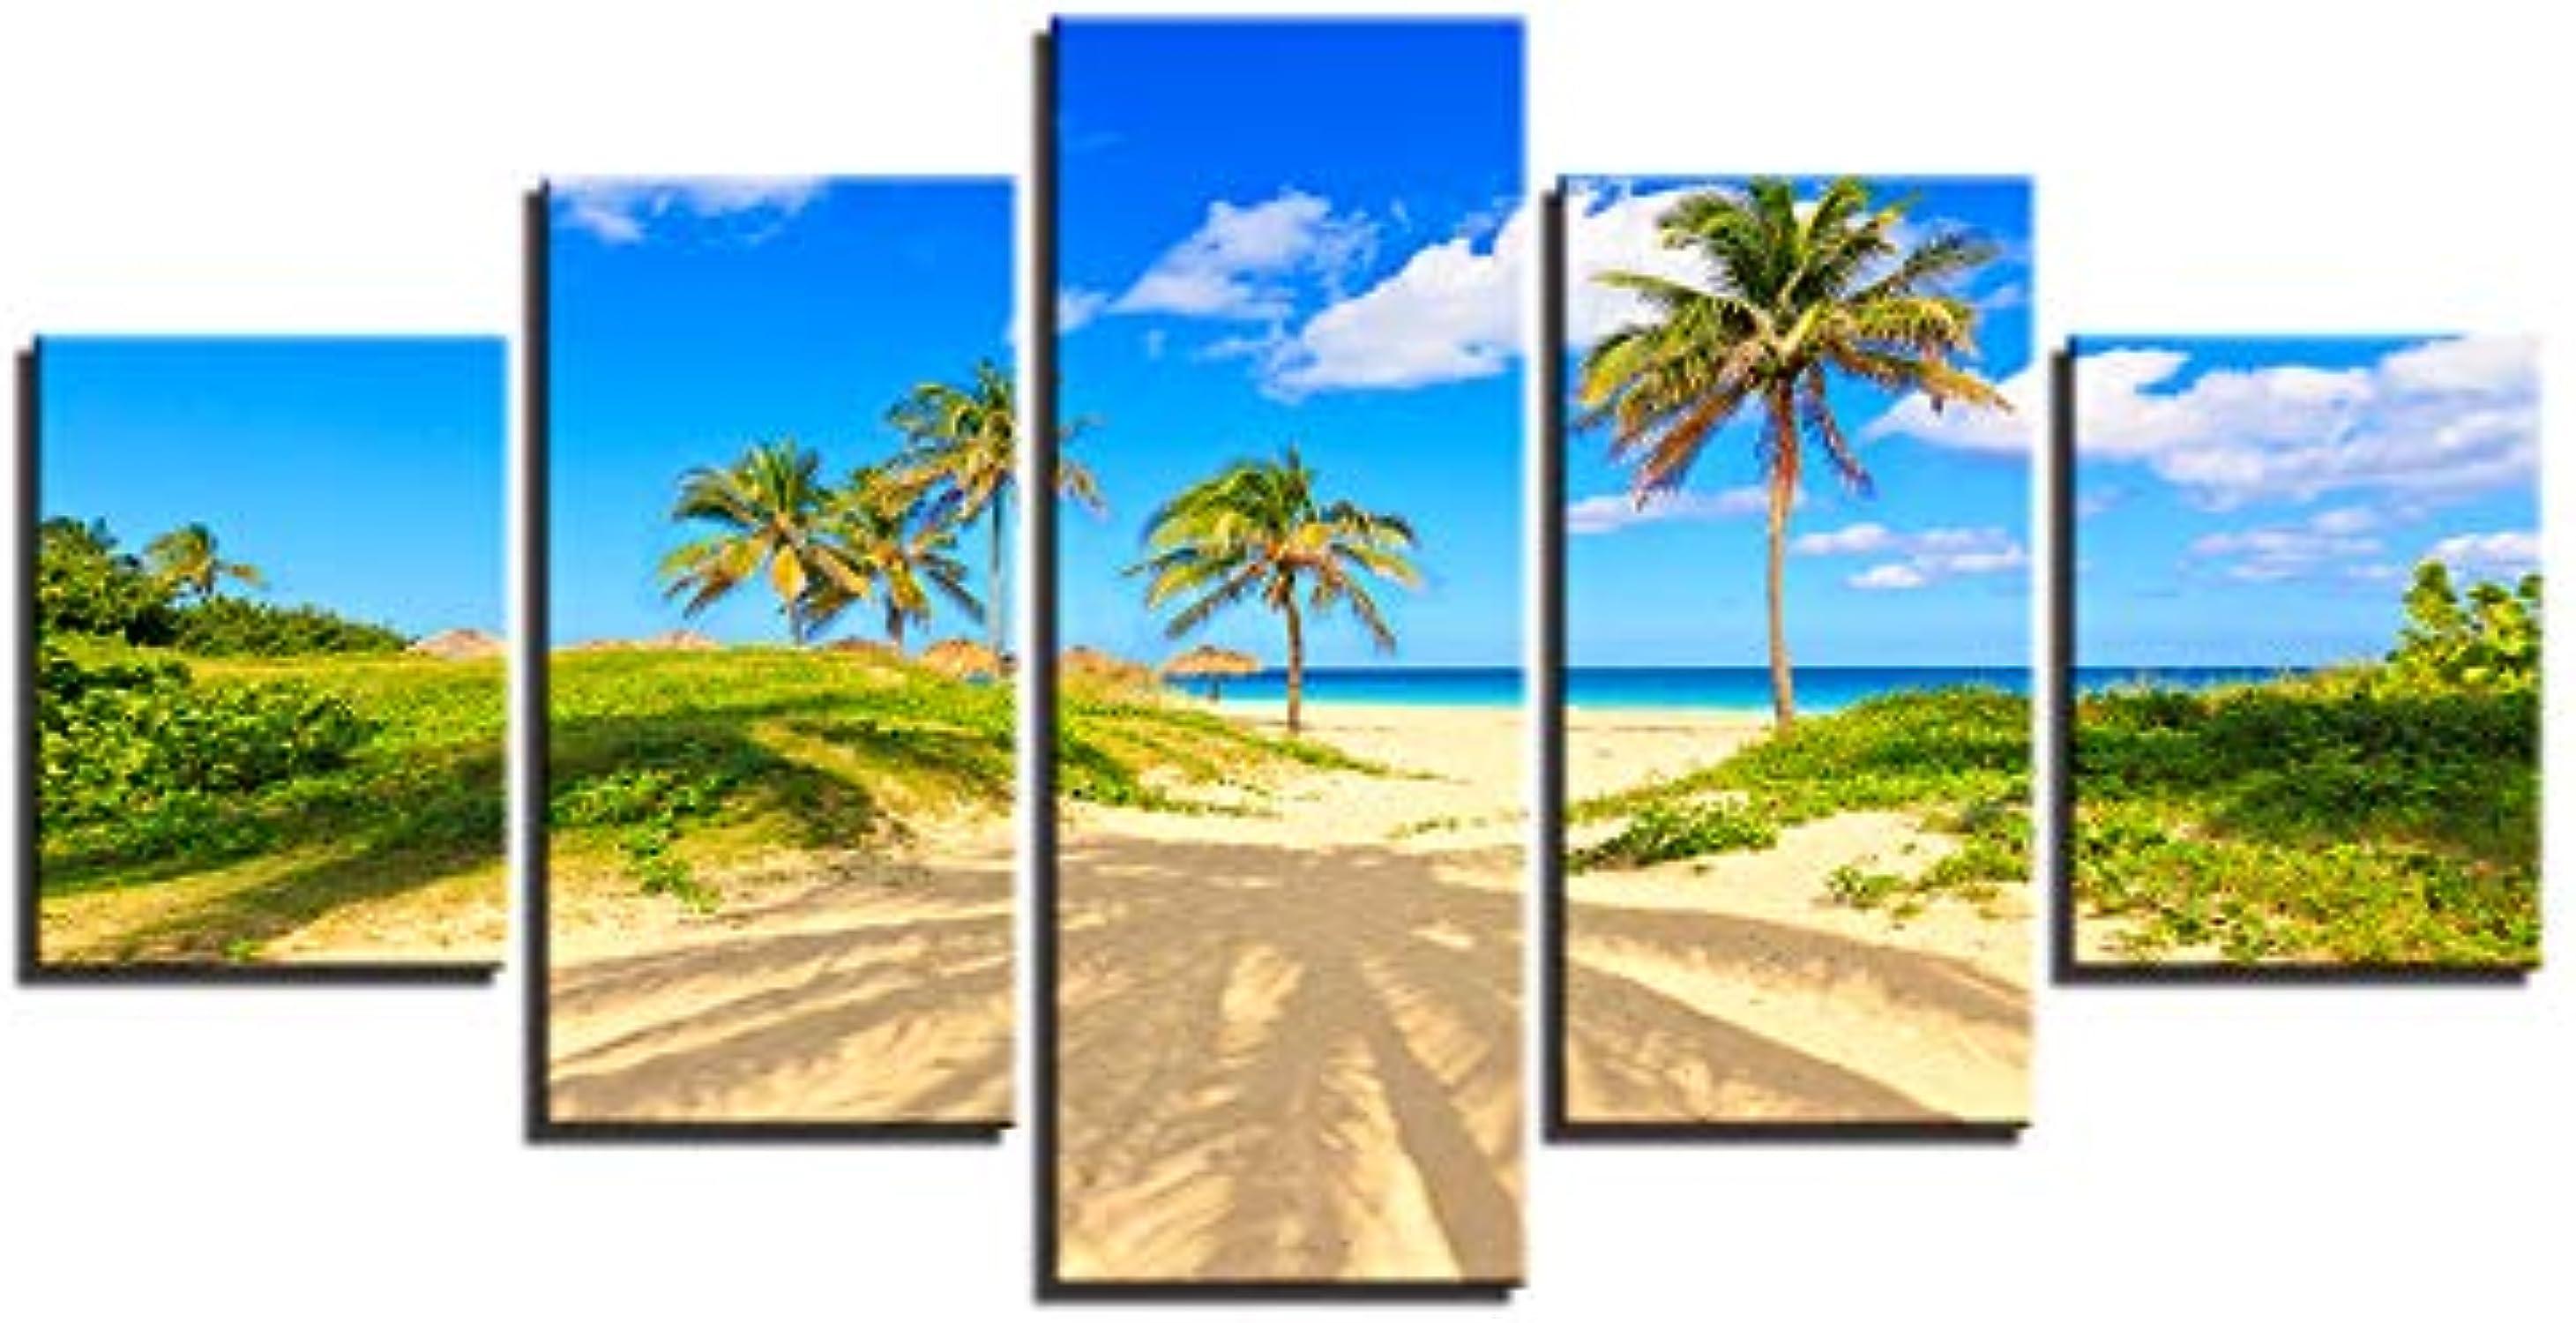 DLDSS Cuadros de la Parojo Decoración Arte Impresión en HD 5 Piezas Palmera Playa Sol Cielo Azul Nube blancoa Paisaje Marino Lienzo de Pintura Lienzo de Pintura